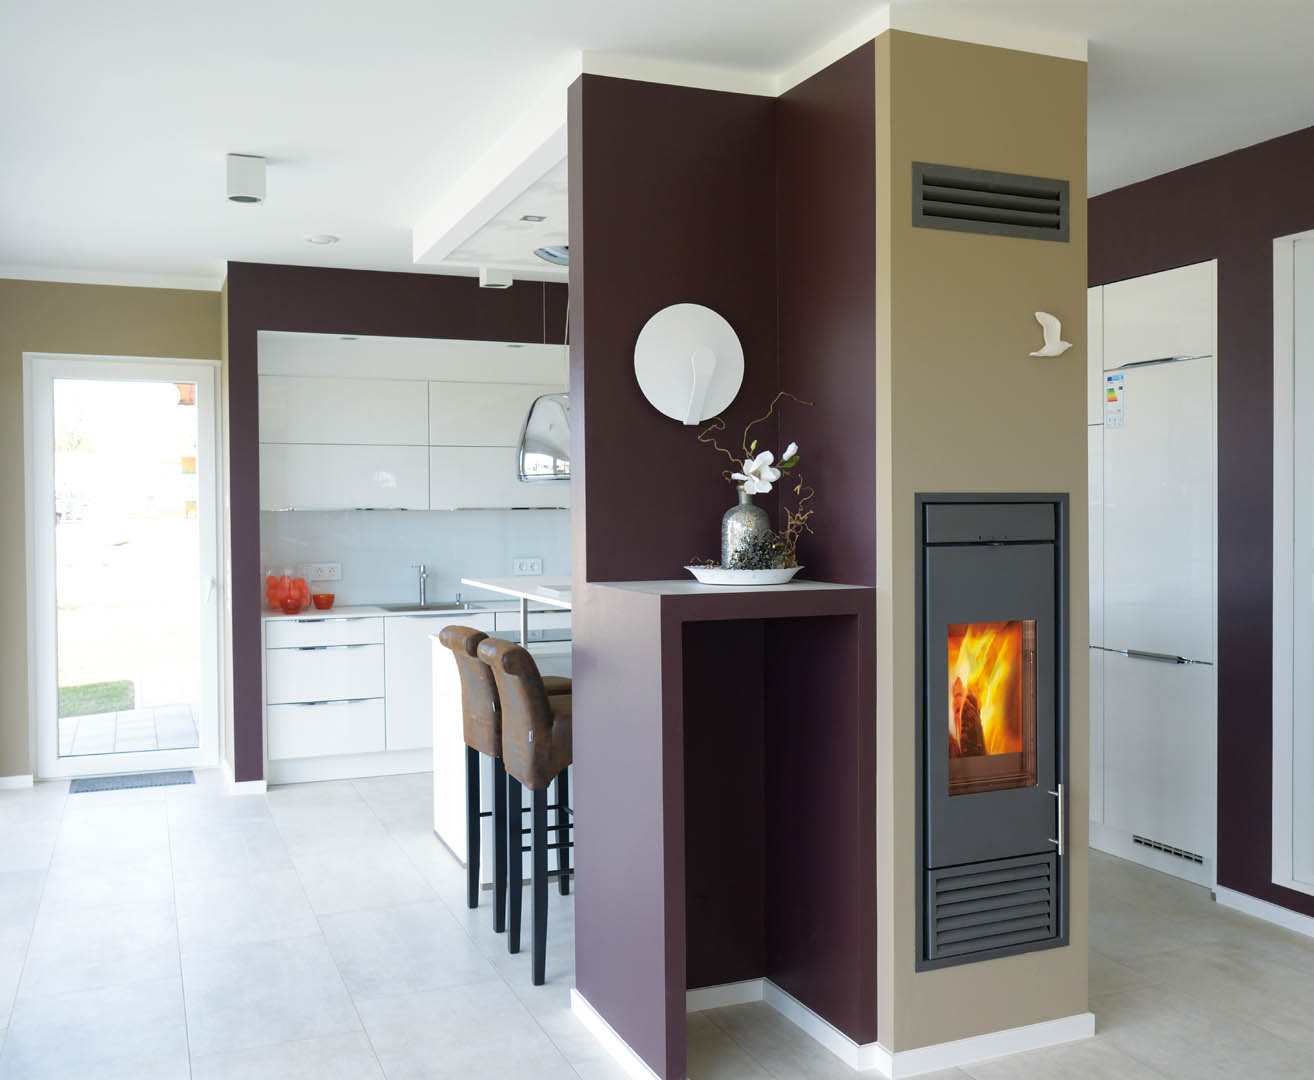 KINGFIRE CLASSICO S w kuchni